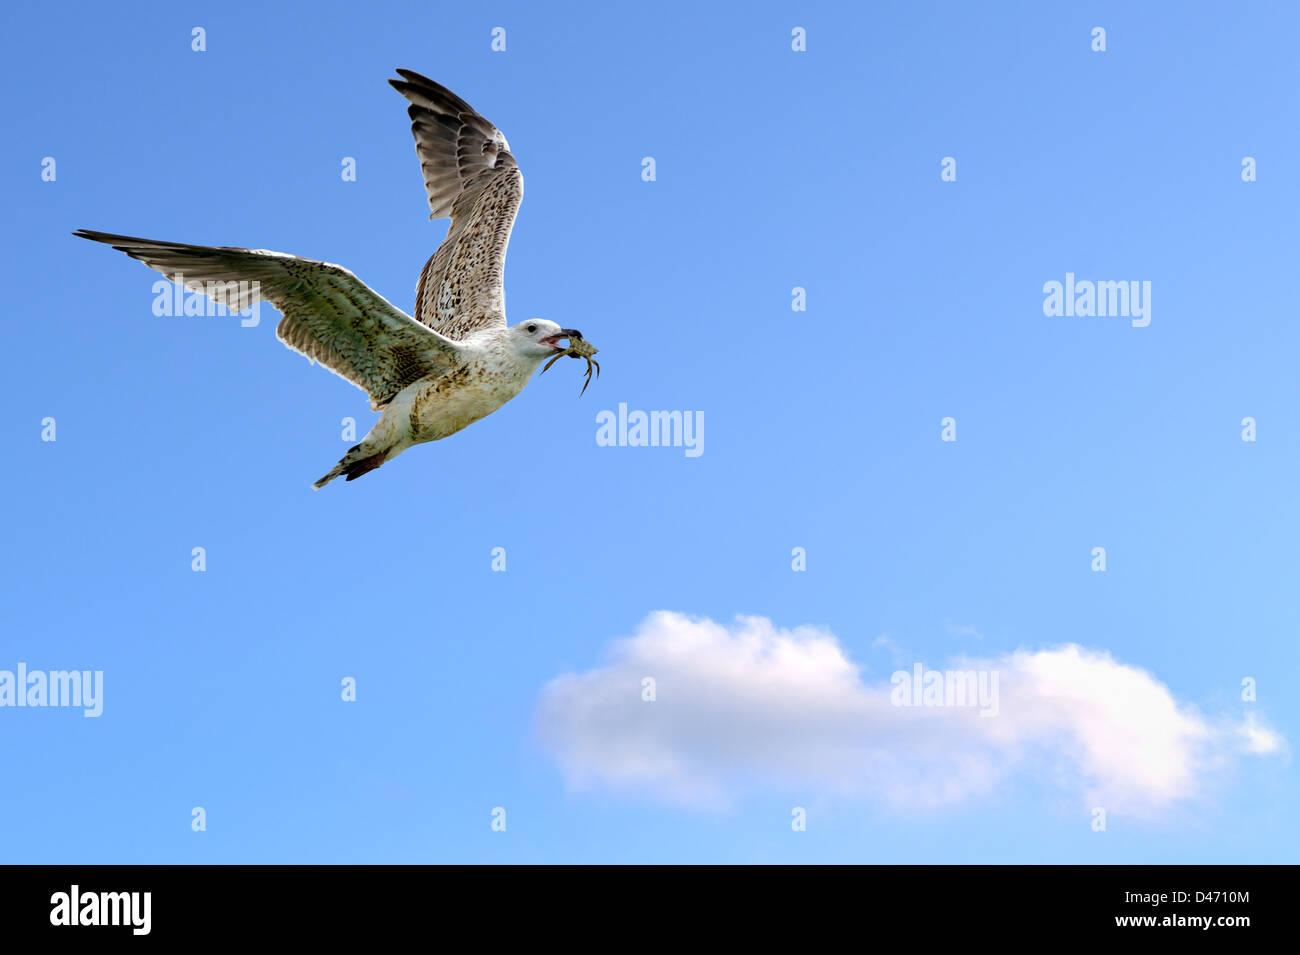 Mouette en vol avec le crabe dans son bec. Photo Stock